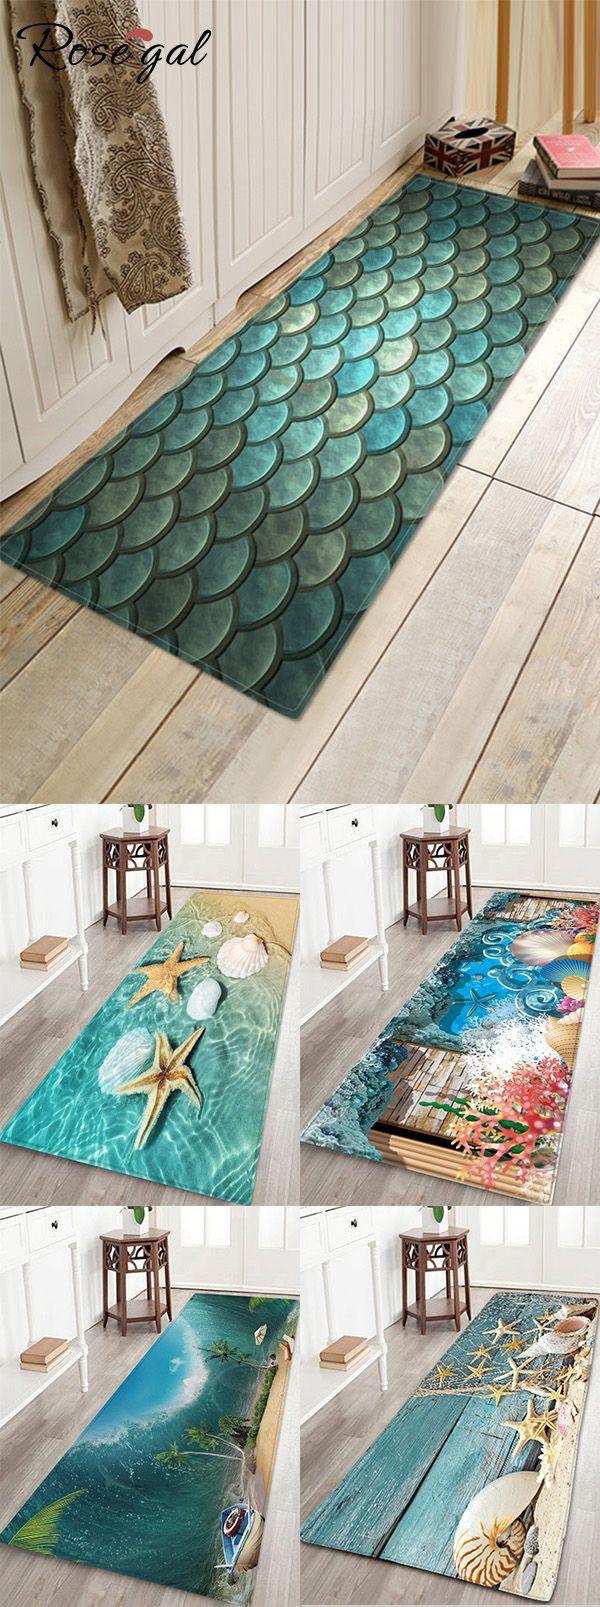 Rosegal Mermaid Scale Print Bath Floor Mat Home decor ideas